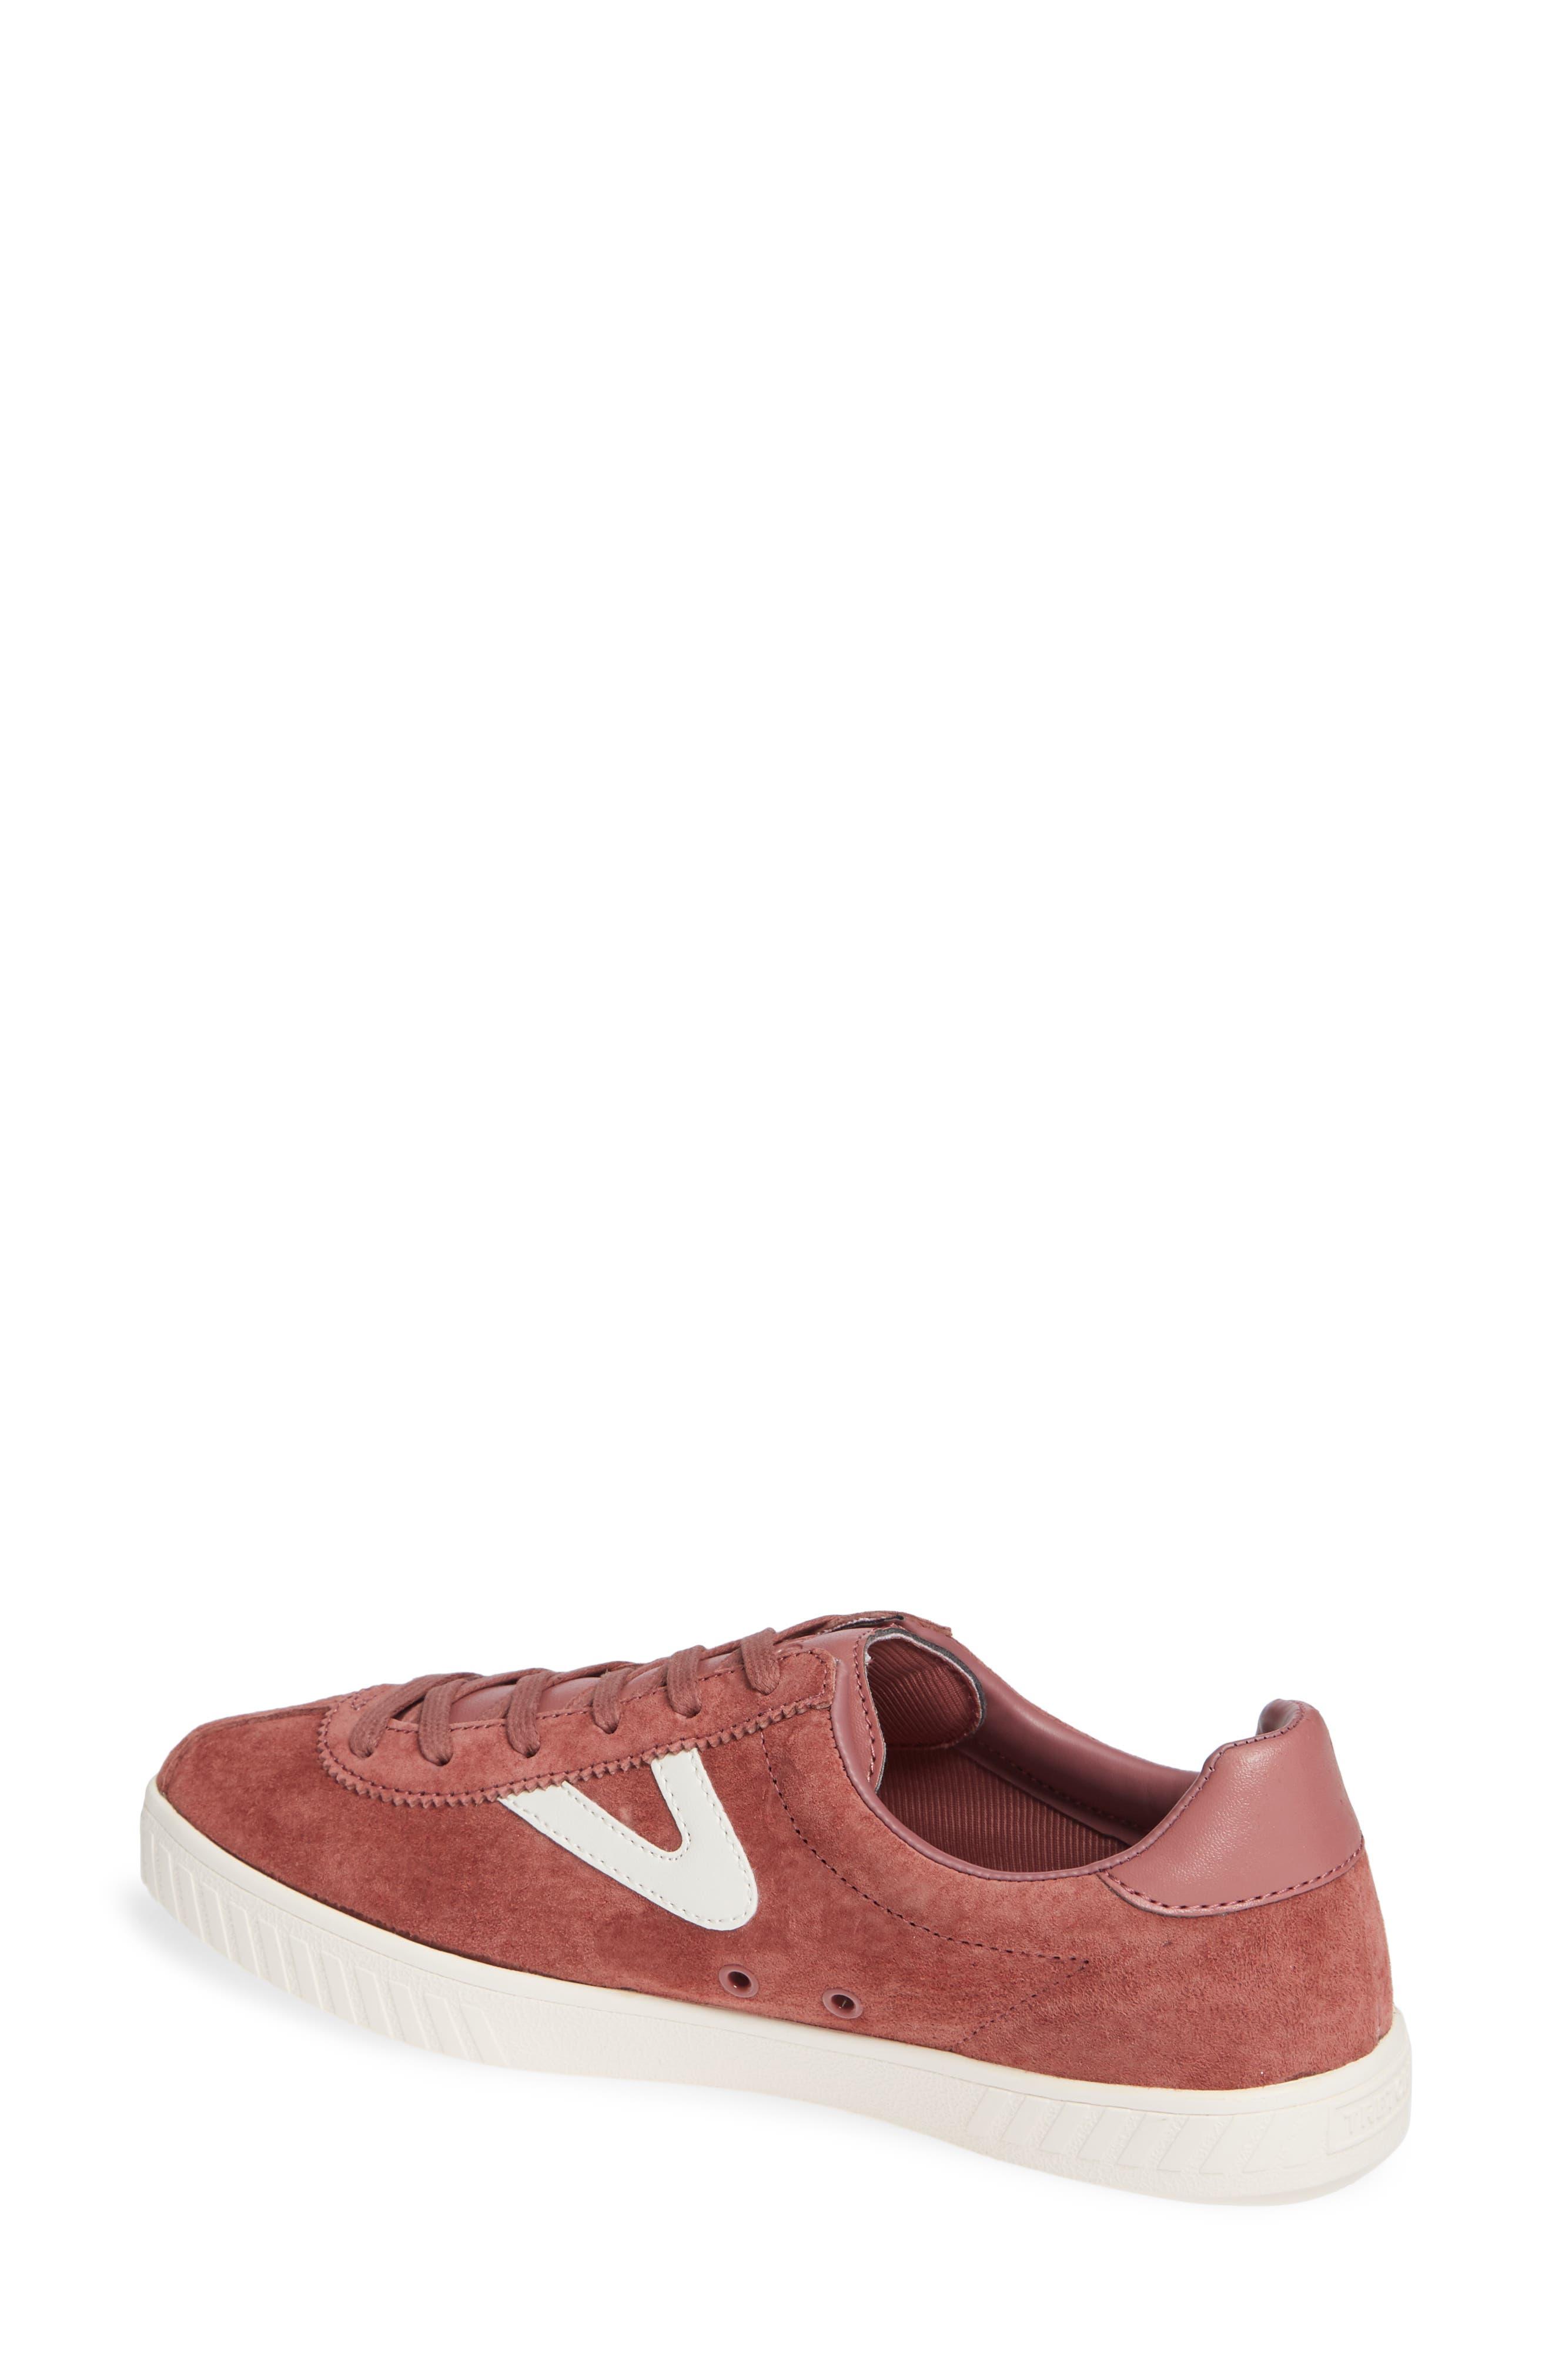 'Camden 3' Sneaker,                             Alternate thumbnail 2, color,                             651